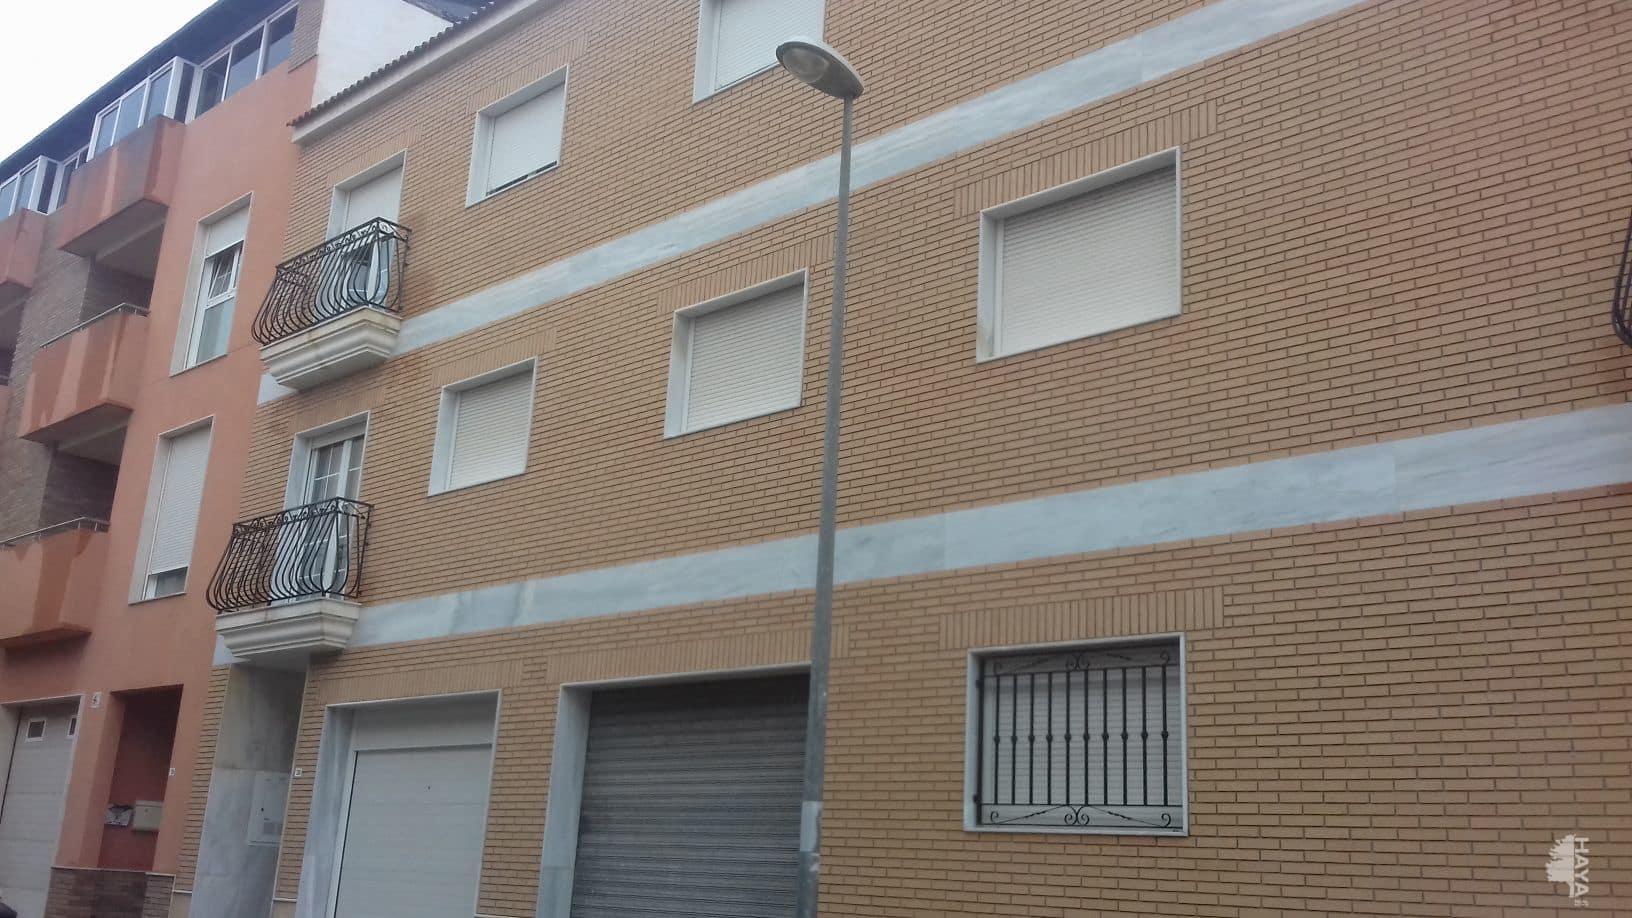 Piso en venta en Roquetas de Mar, Almería, Calle Velazquez, 73.700 €, 3 habitaciones, 1 baño, 103 m2